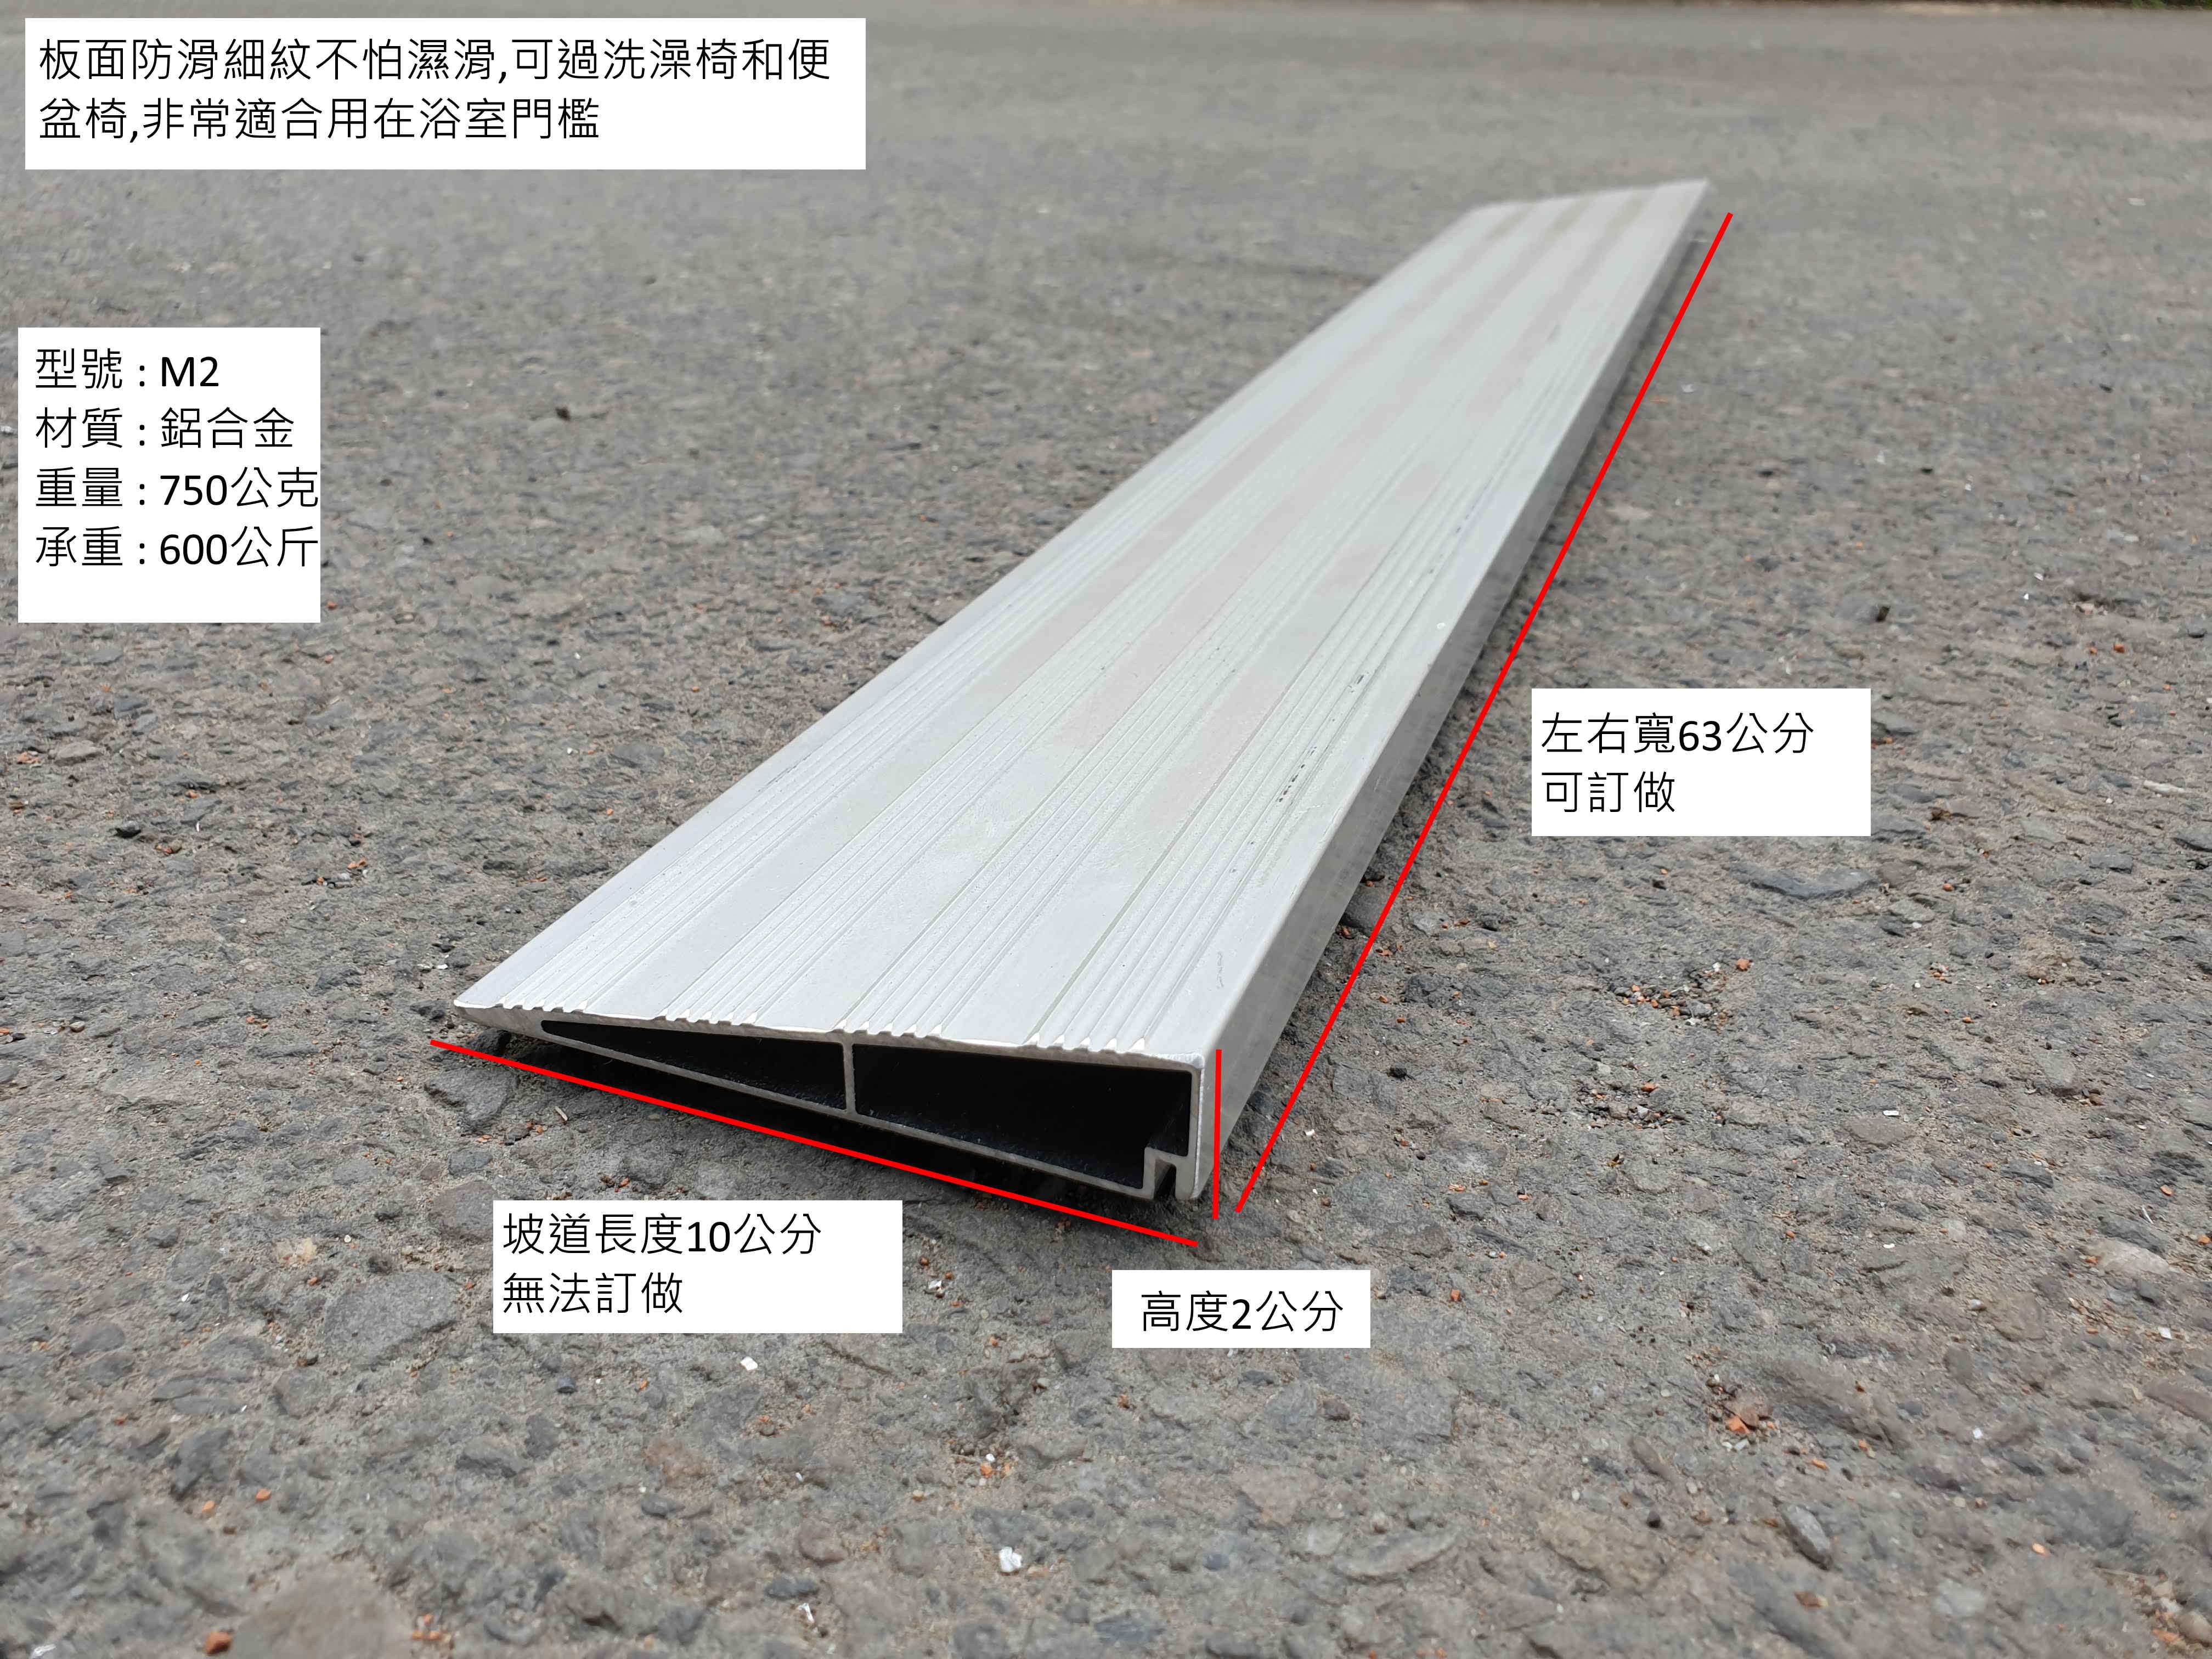 門檻斜坡板組合式 型號M2